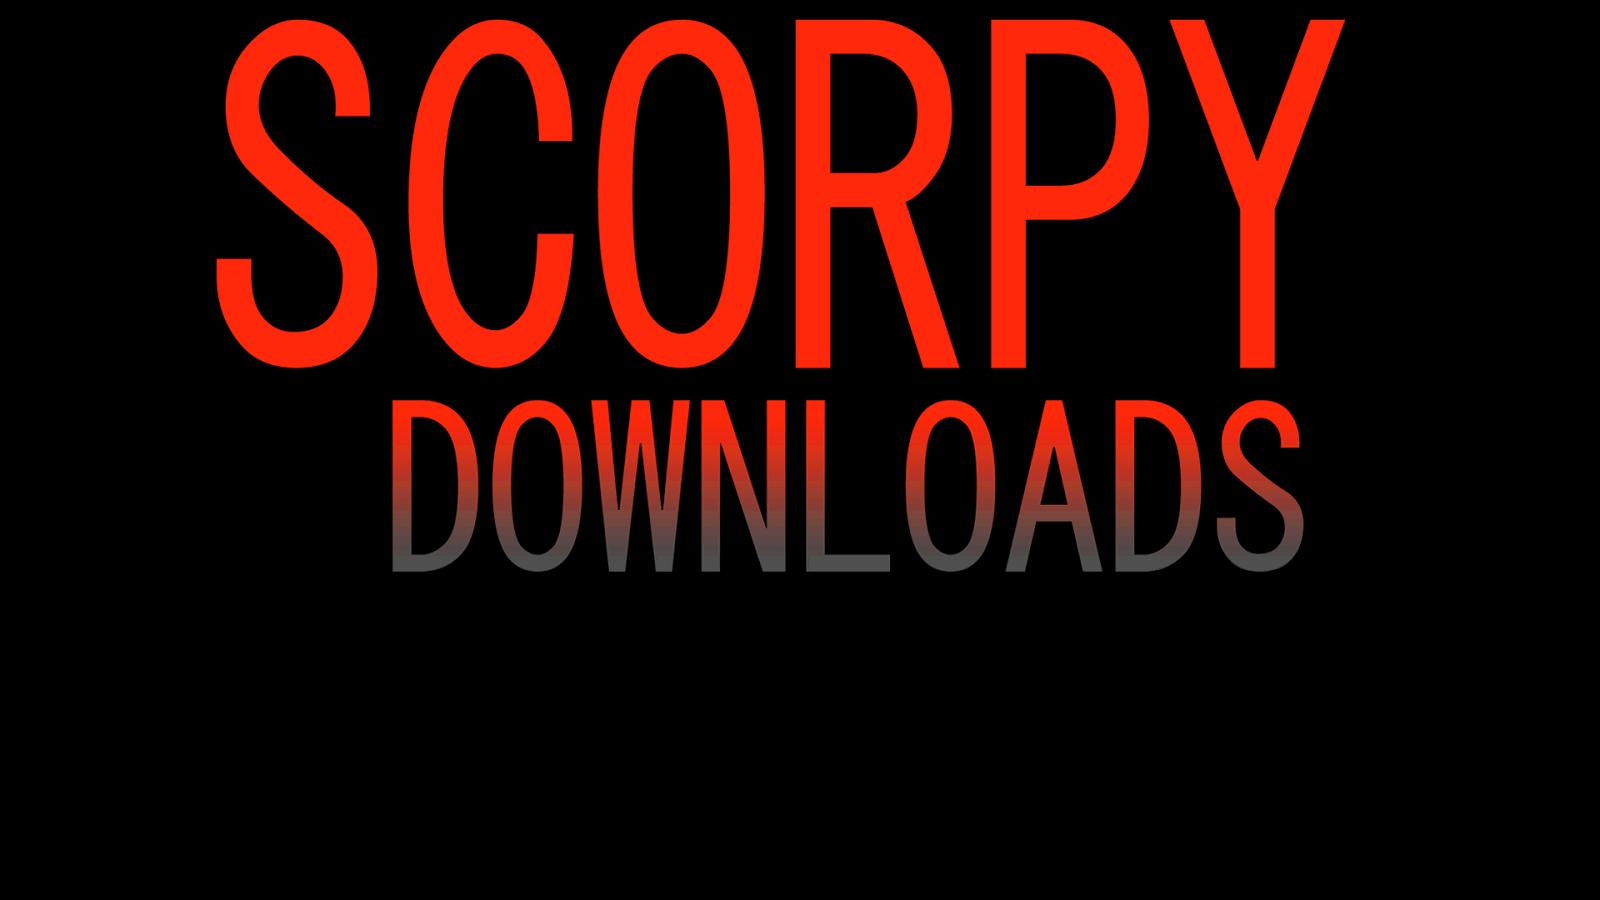 Scorpydownloads